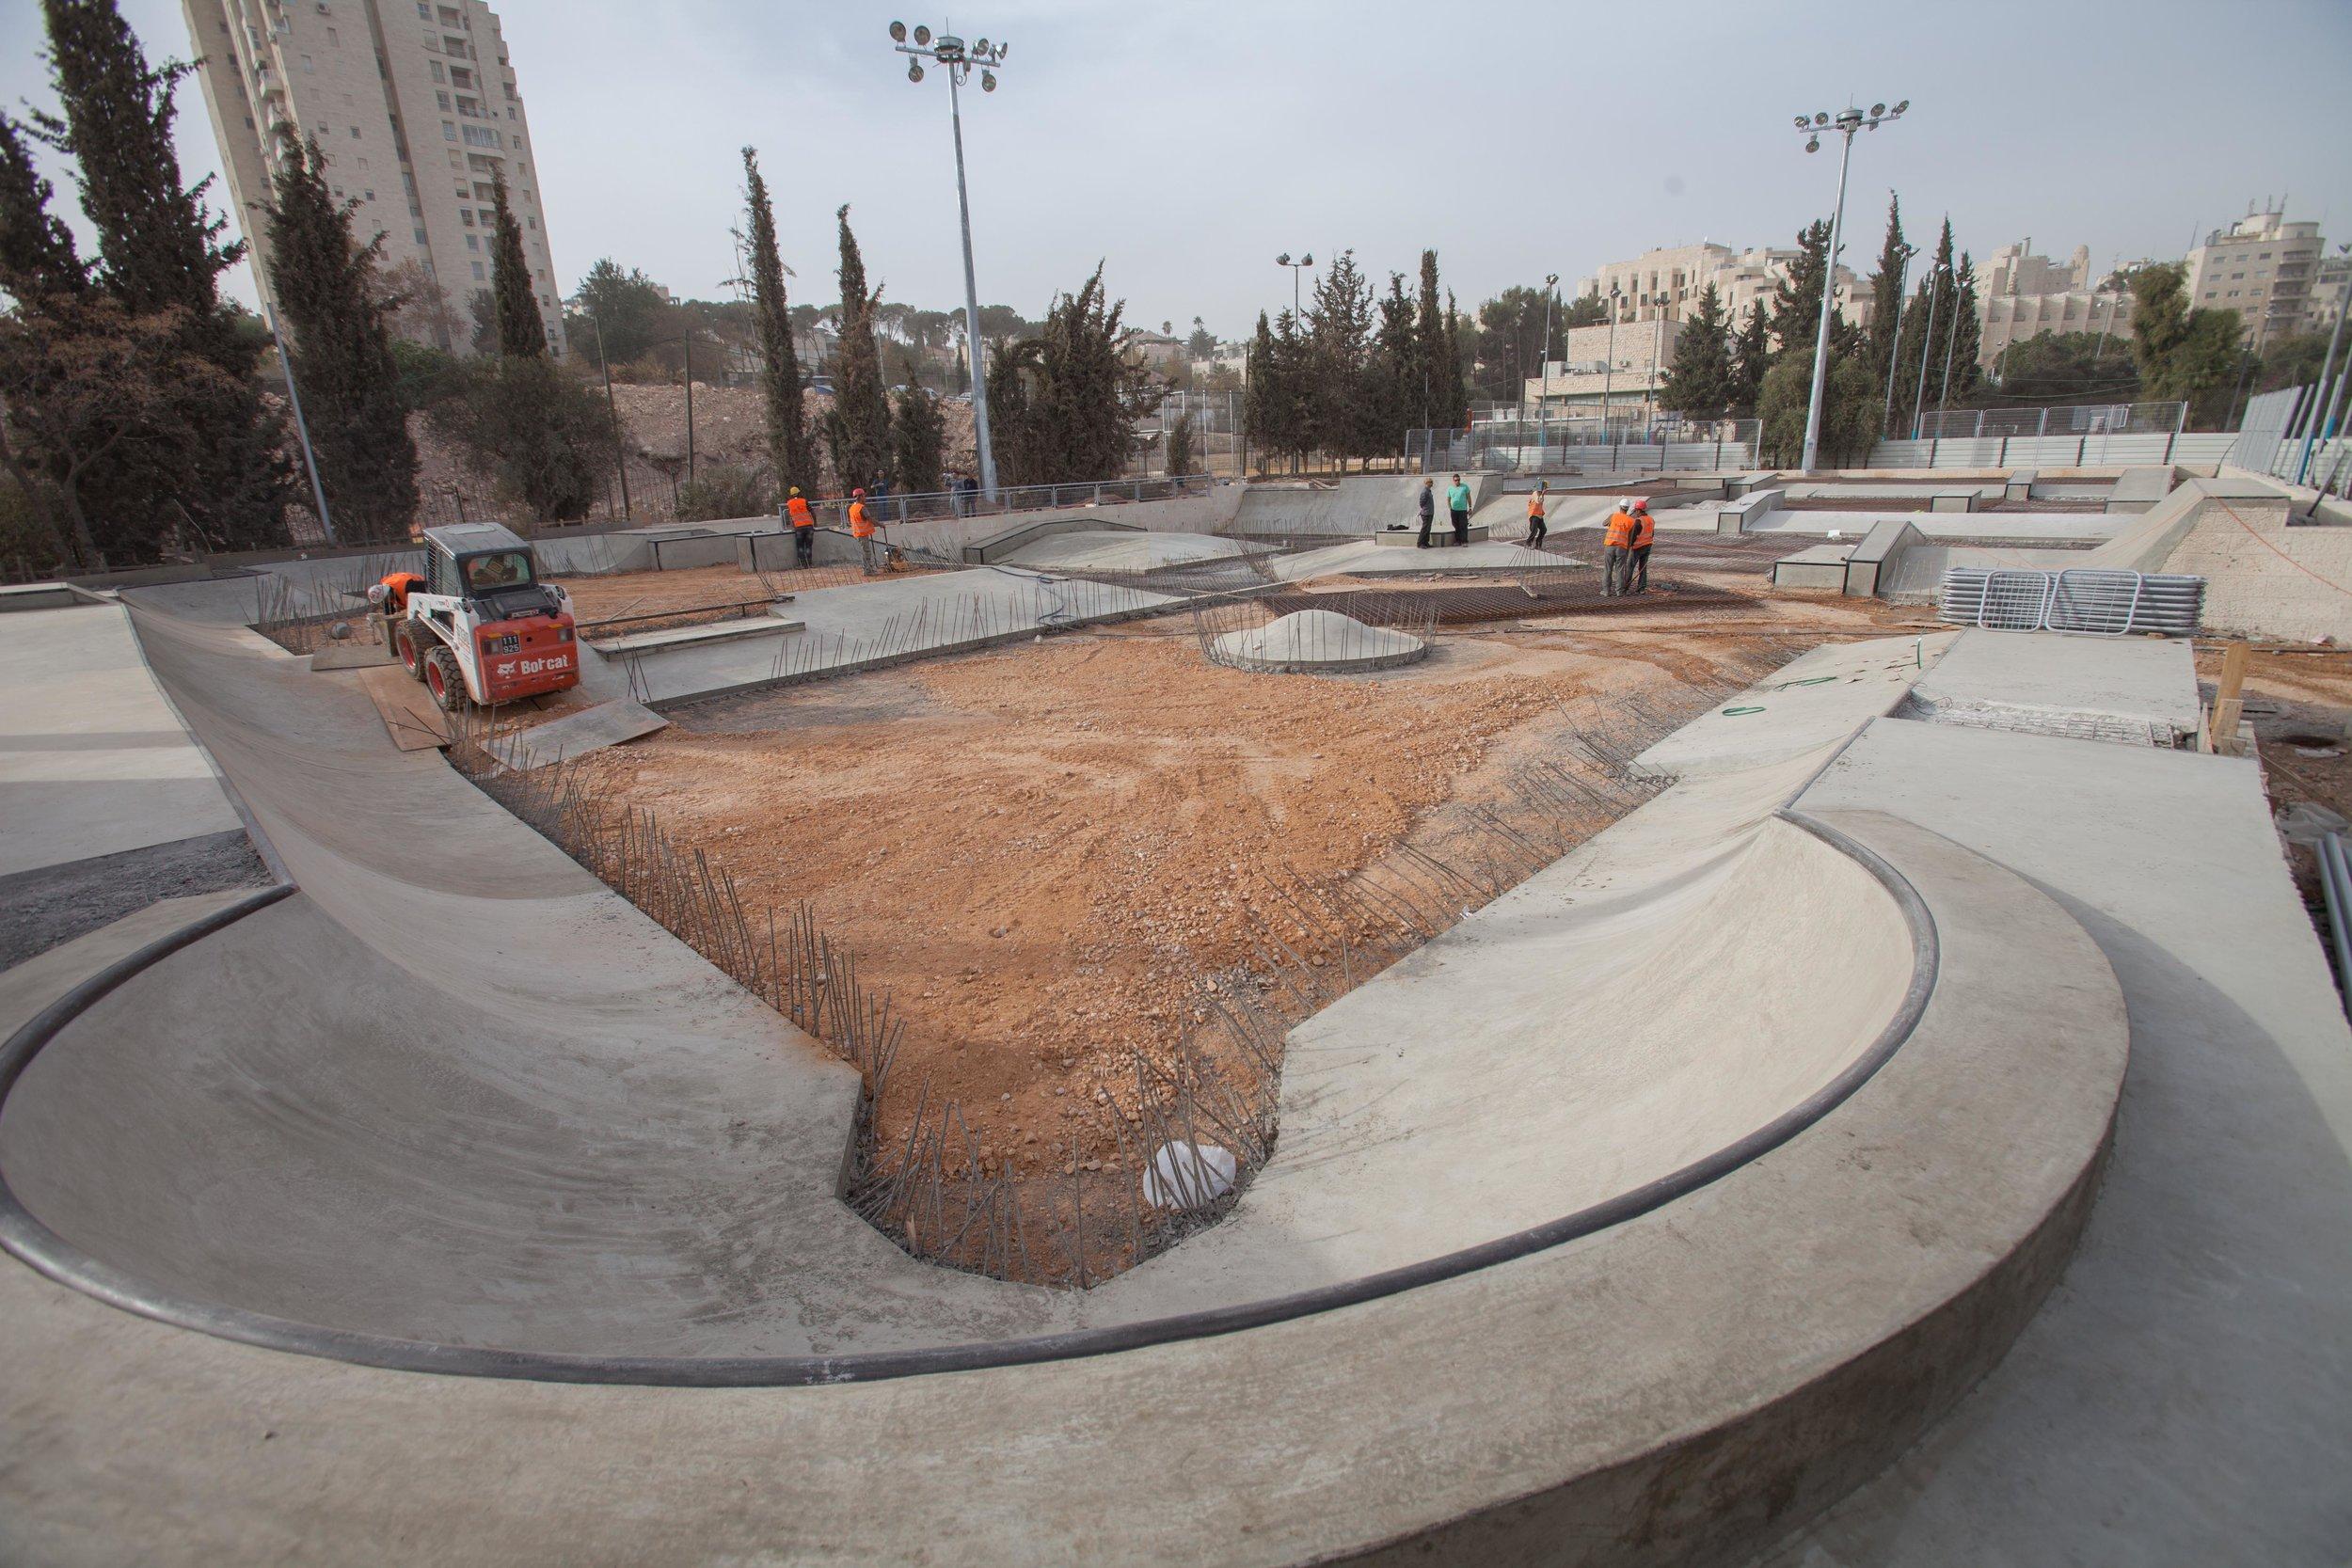 noamrf-skatepark 26.jpg